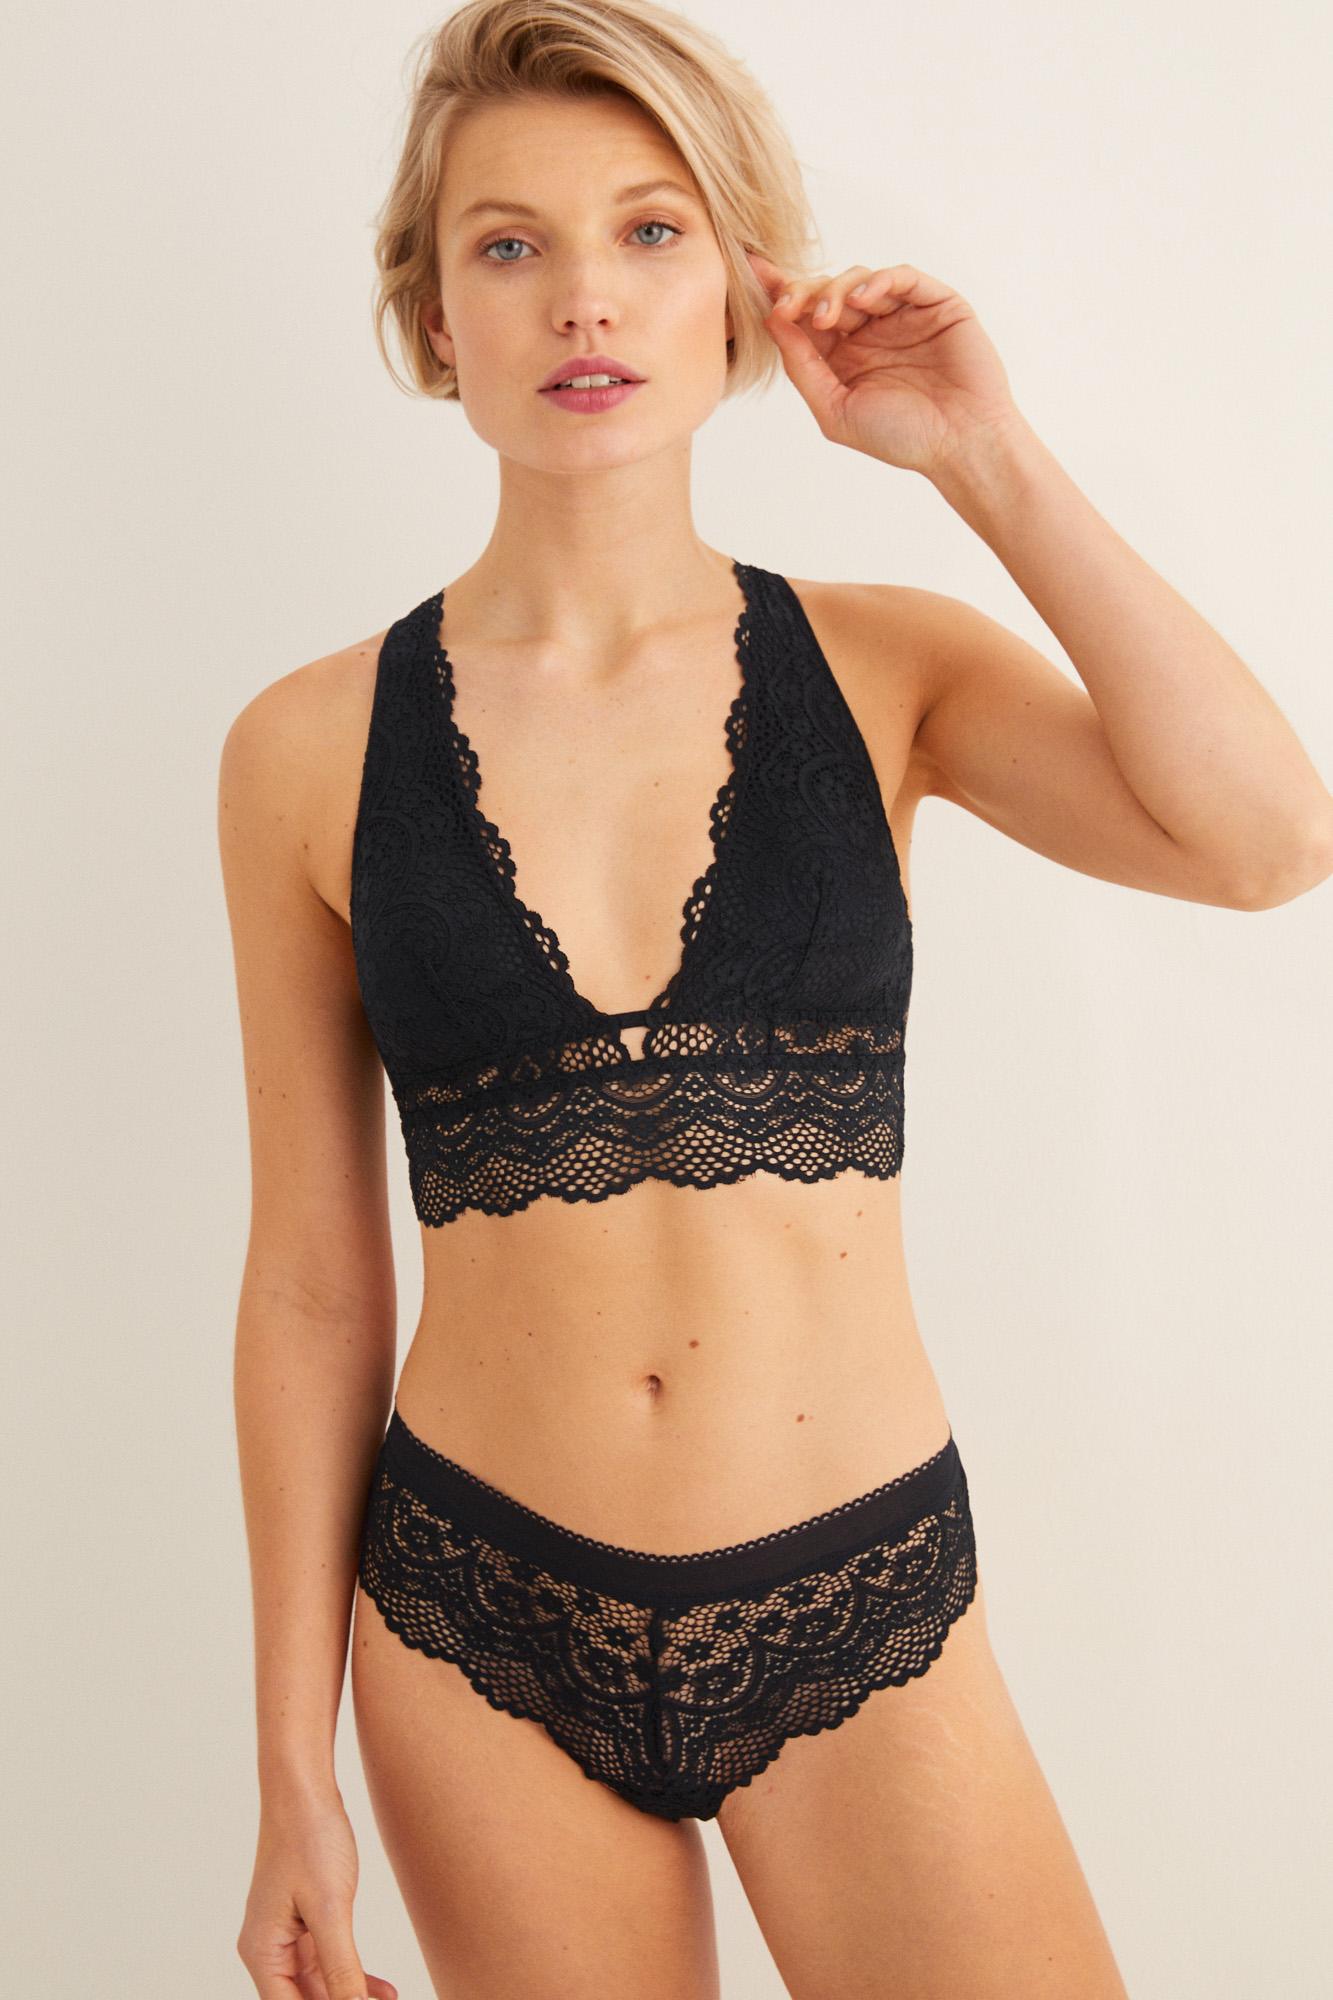 Bralette encaje abertura espalda | Triangular | Women'secret